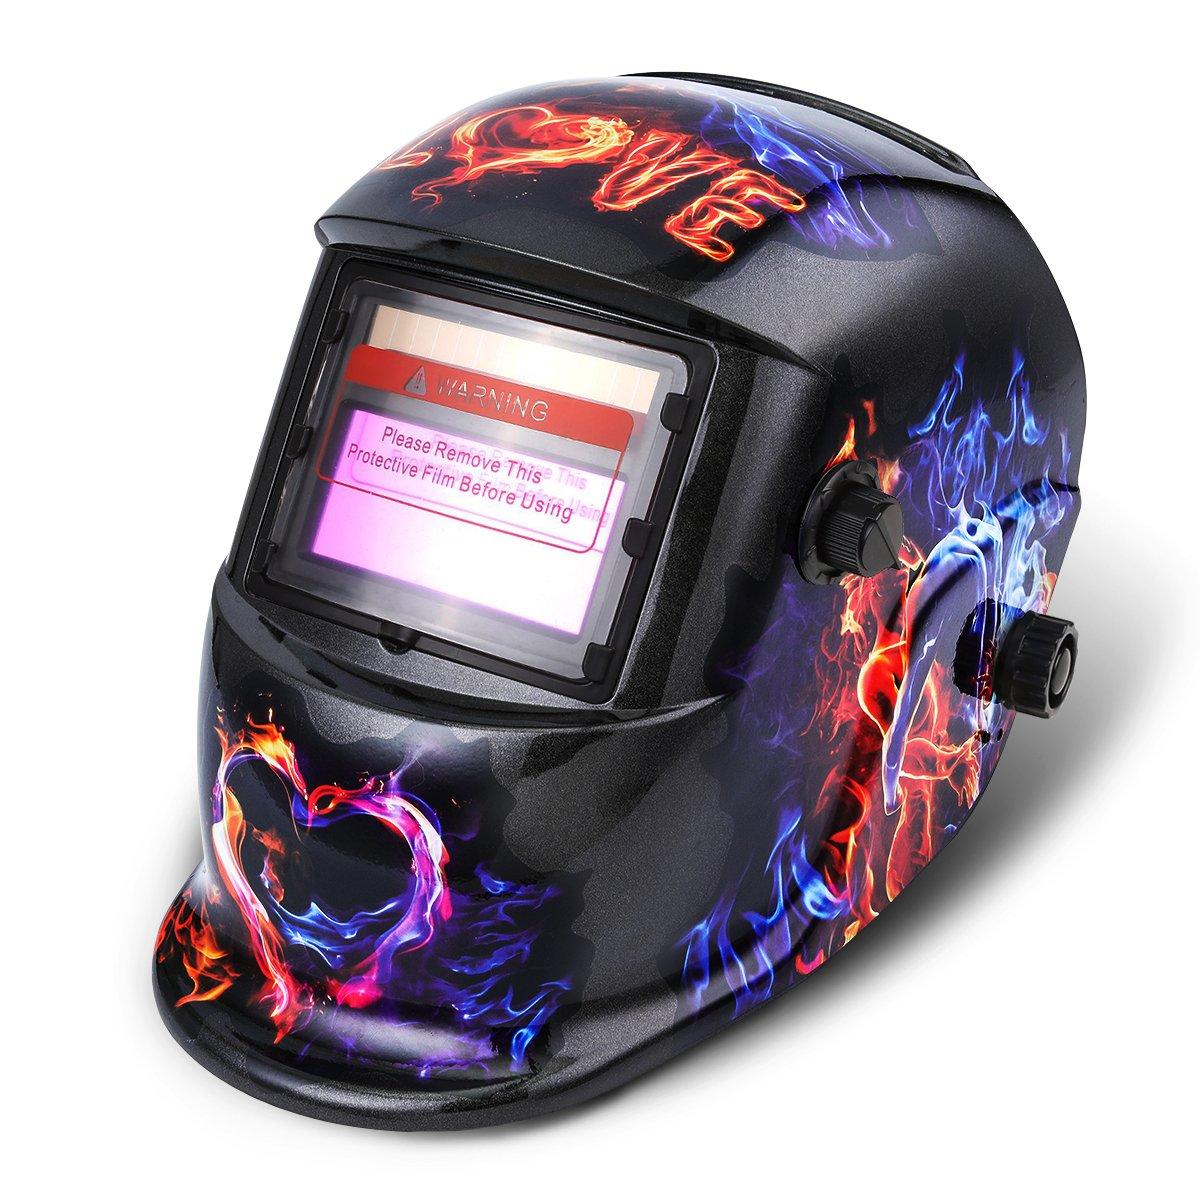 Careta de Soldar, NASUM Casco de Soldadura Solar-Alimentado de Oscurecimiento Automático Máscara de